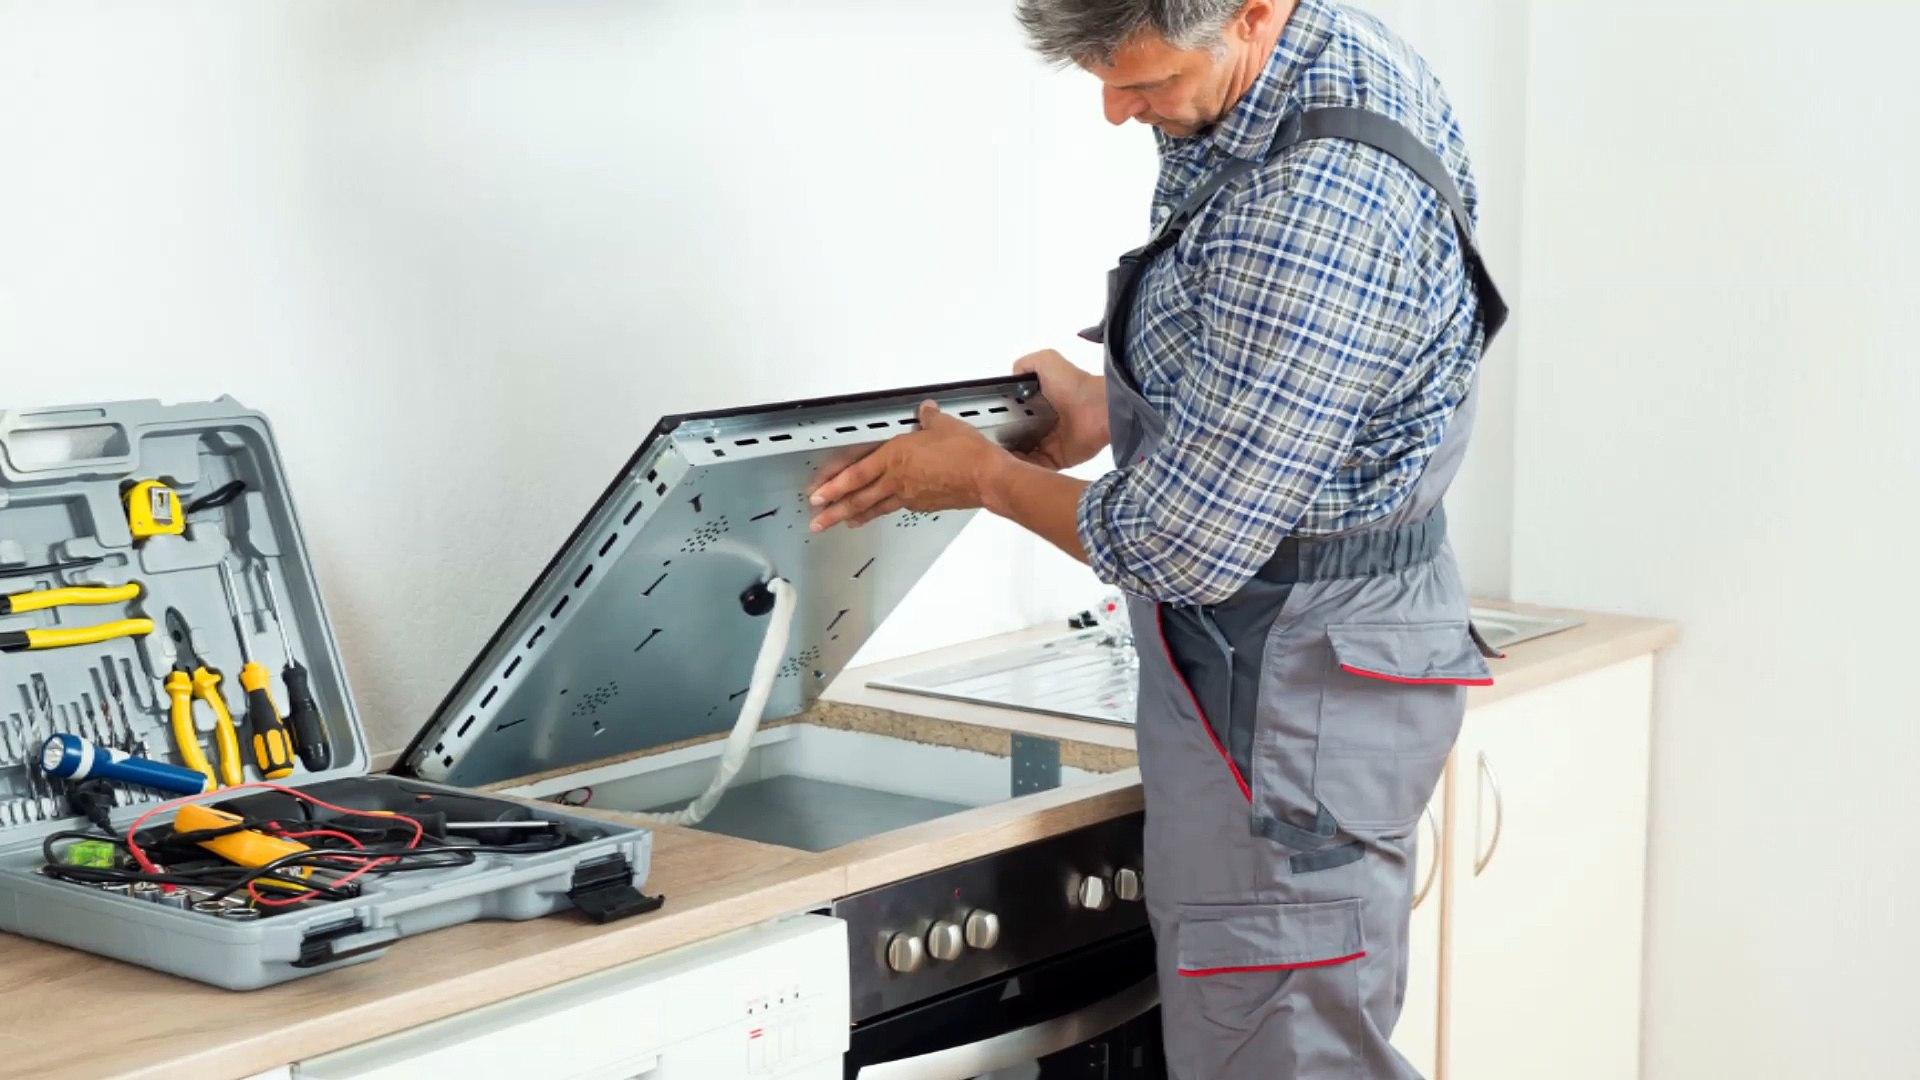 H&H Appliance Repair - (512) 647-2367